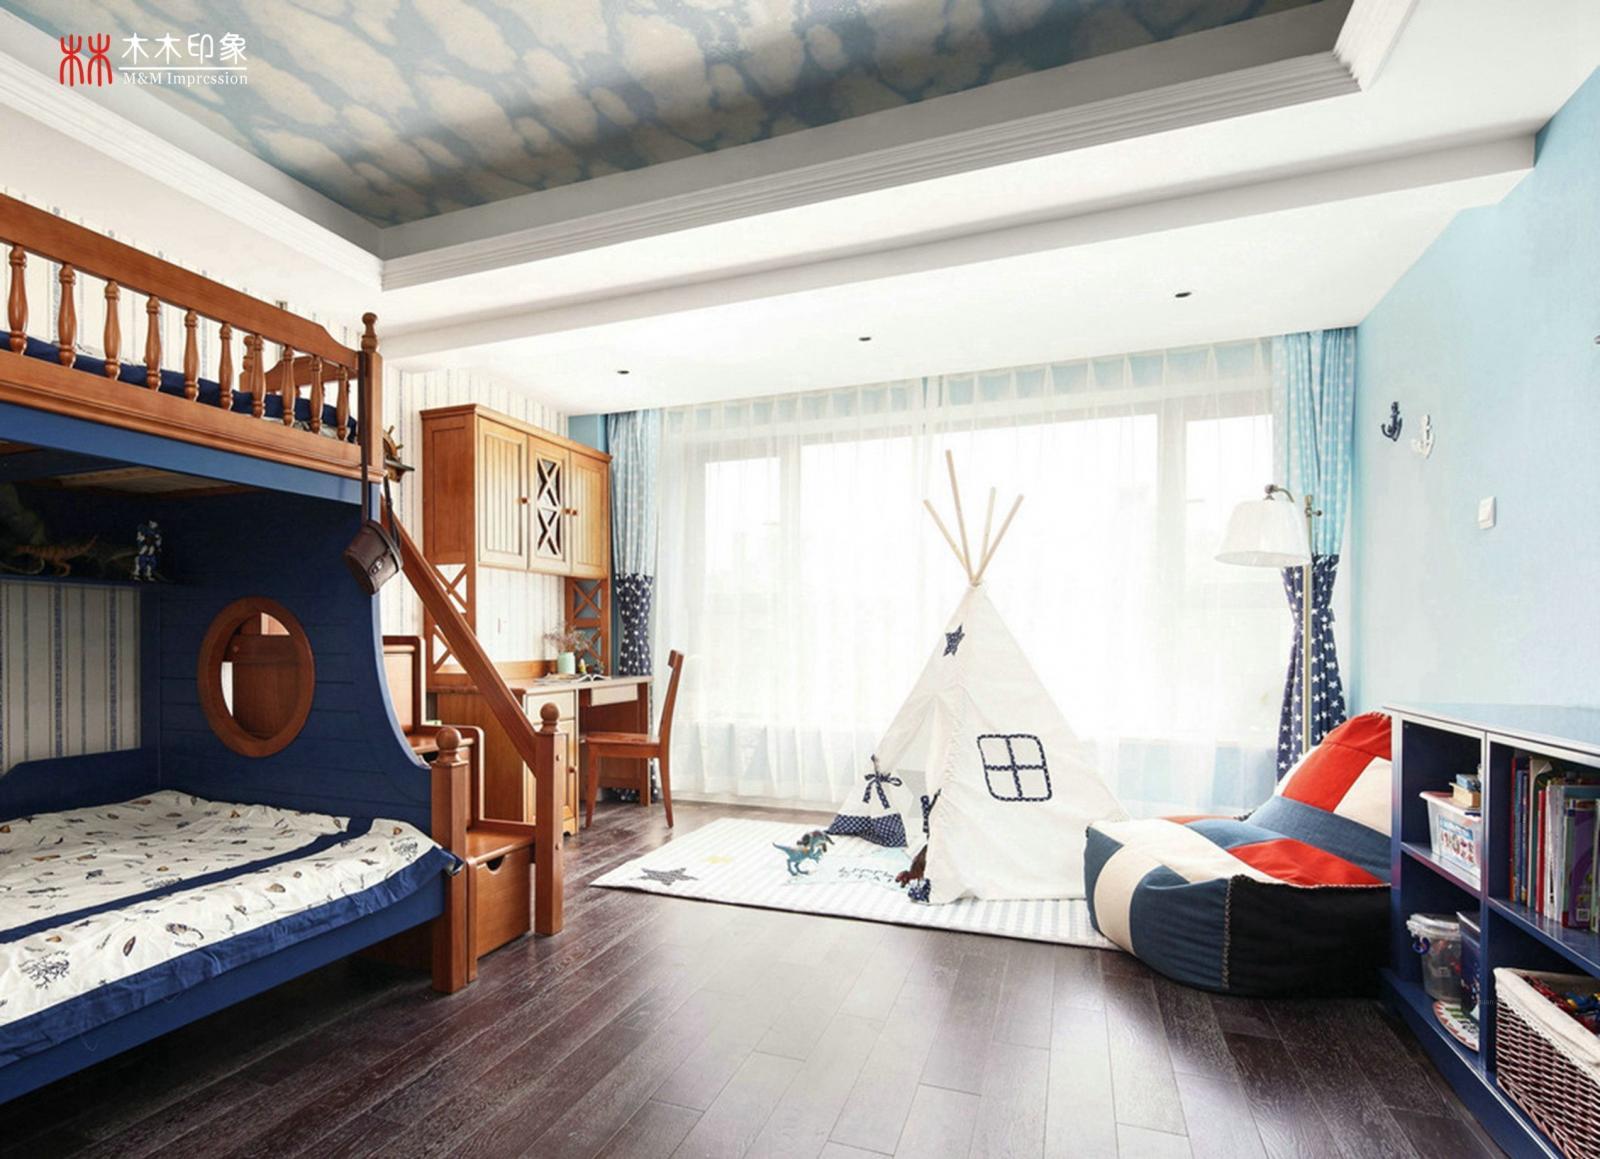 两室两厅美式风格小卧室